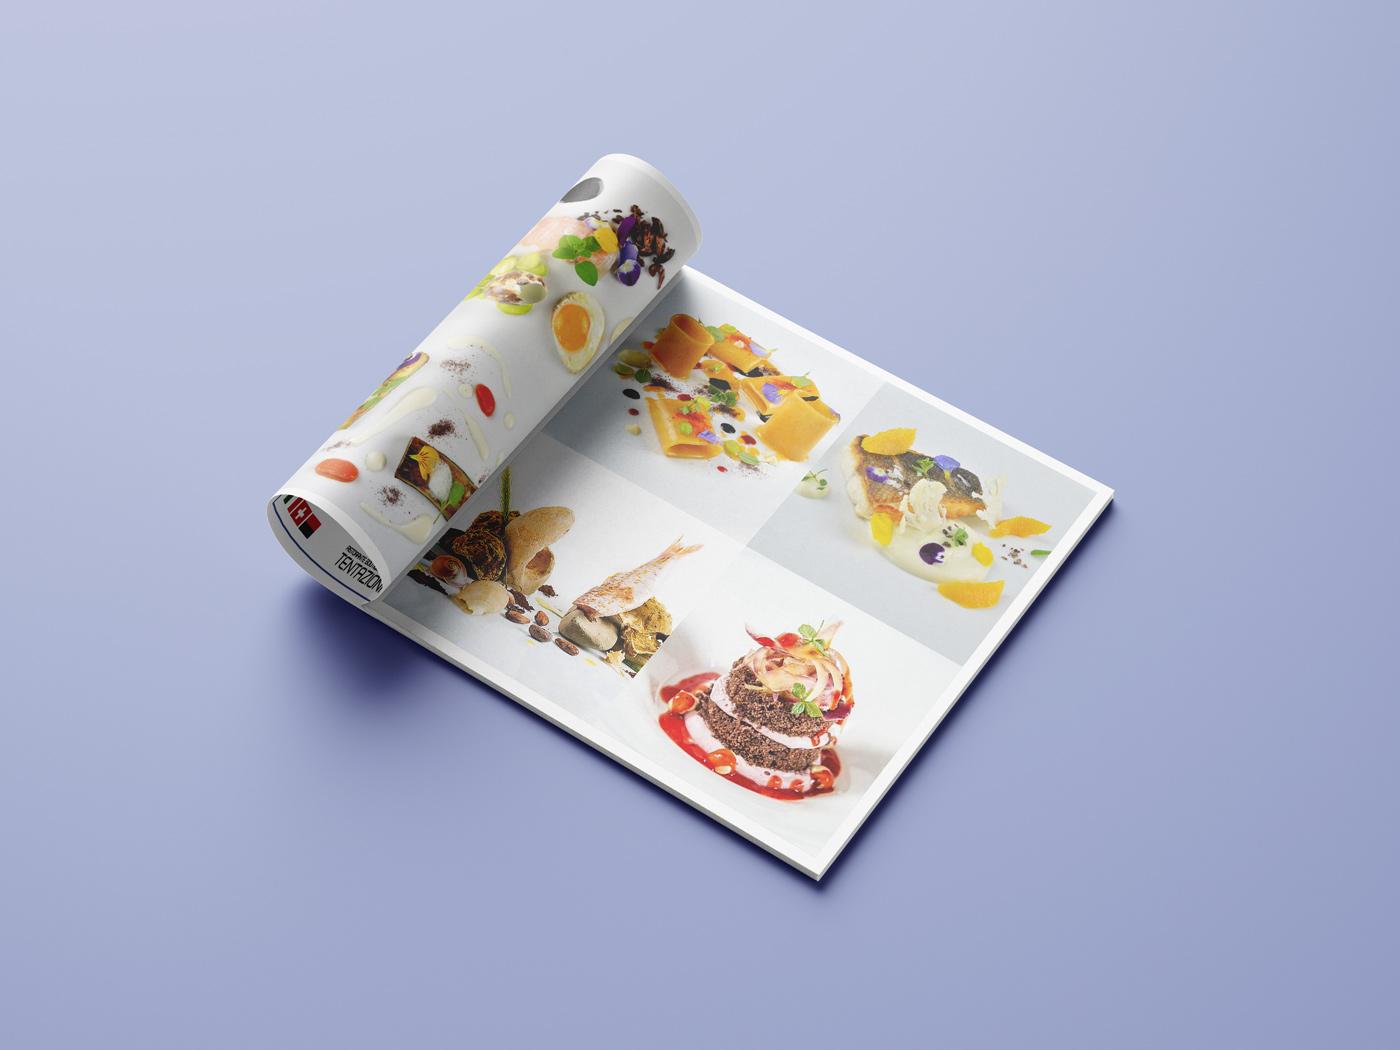 Tentazioni-Hotel-Ristorante—Brochure_4